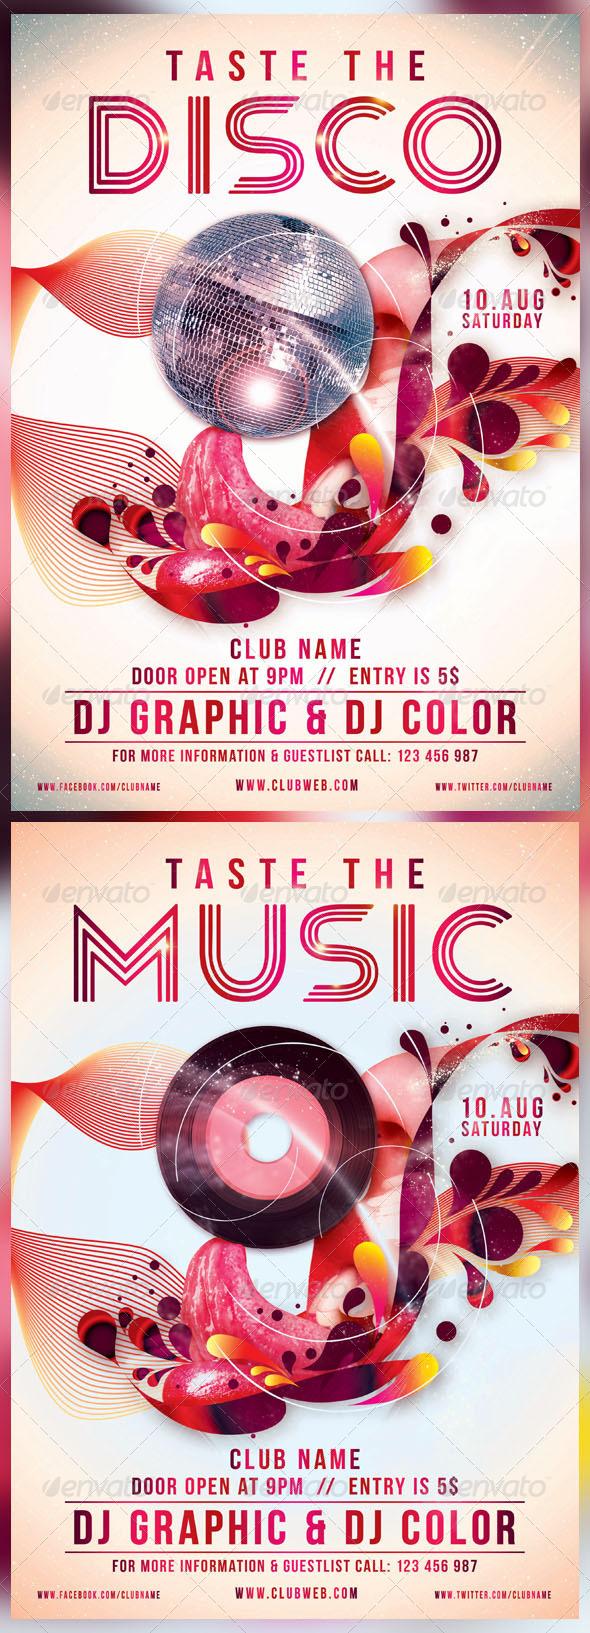 GraphicRiver Taste The Disco Music 4646103